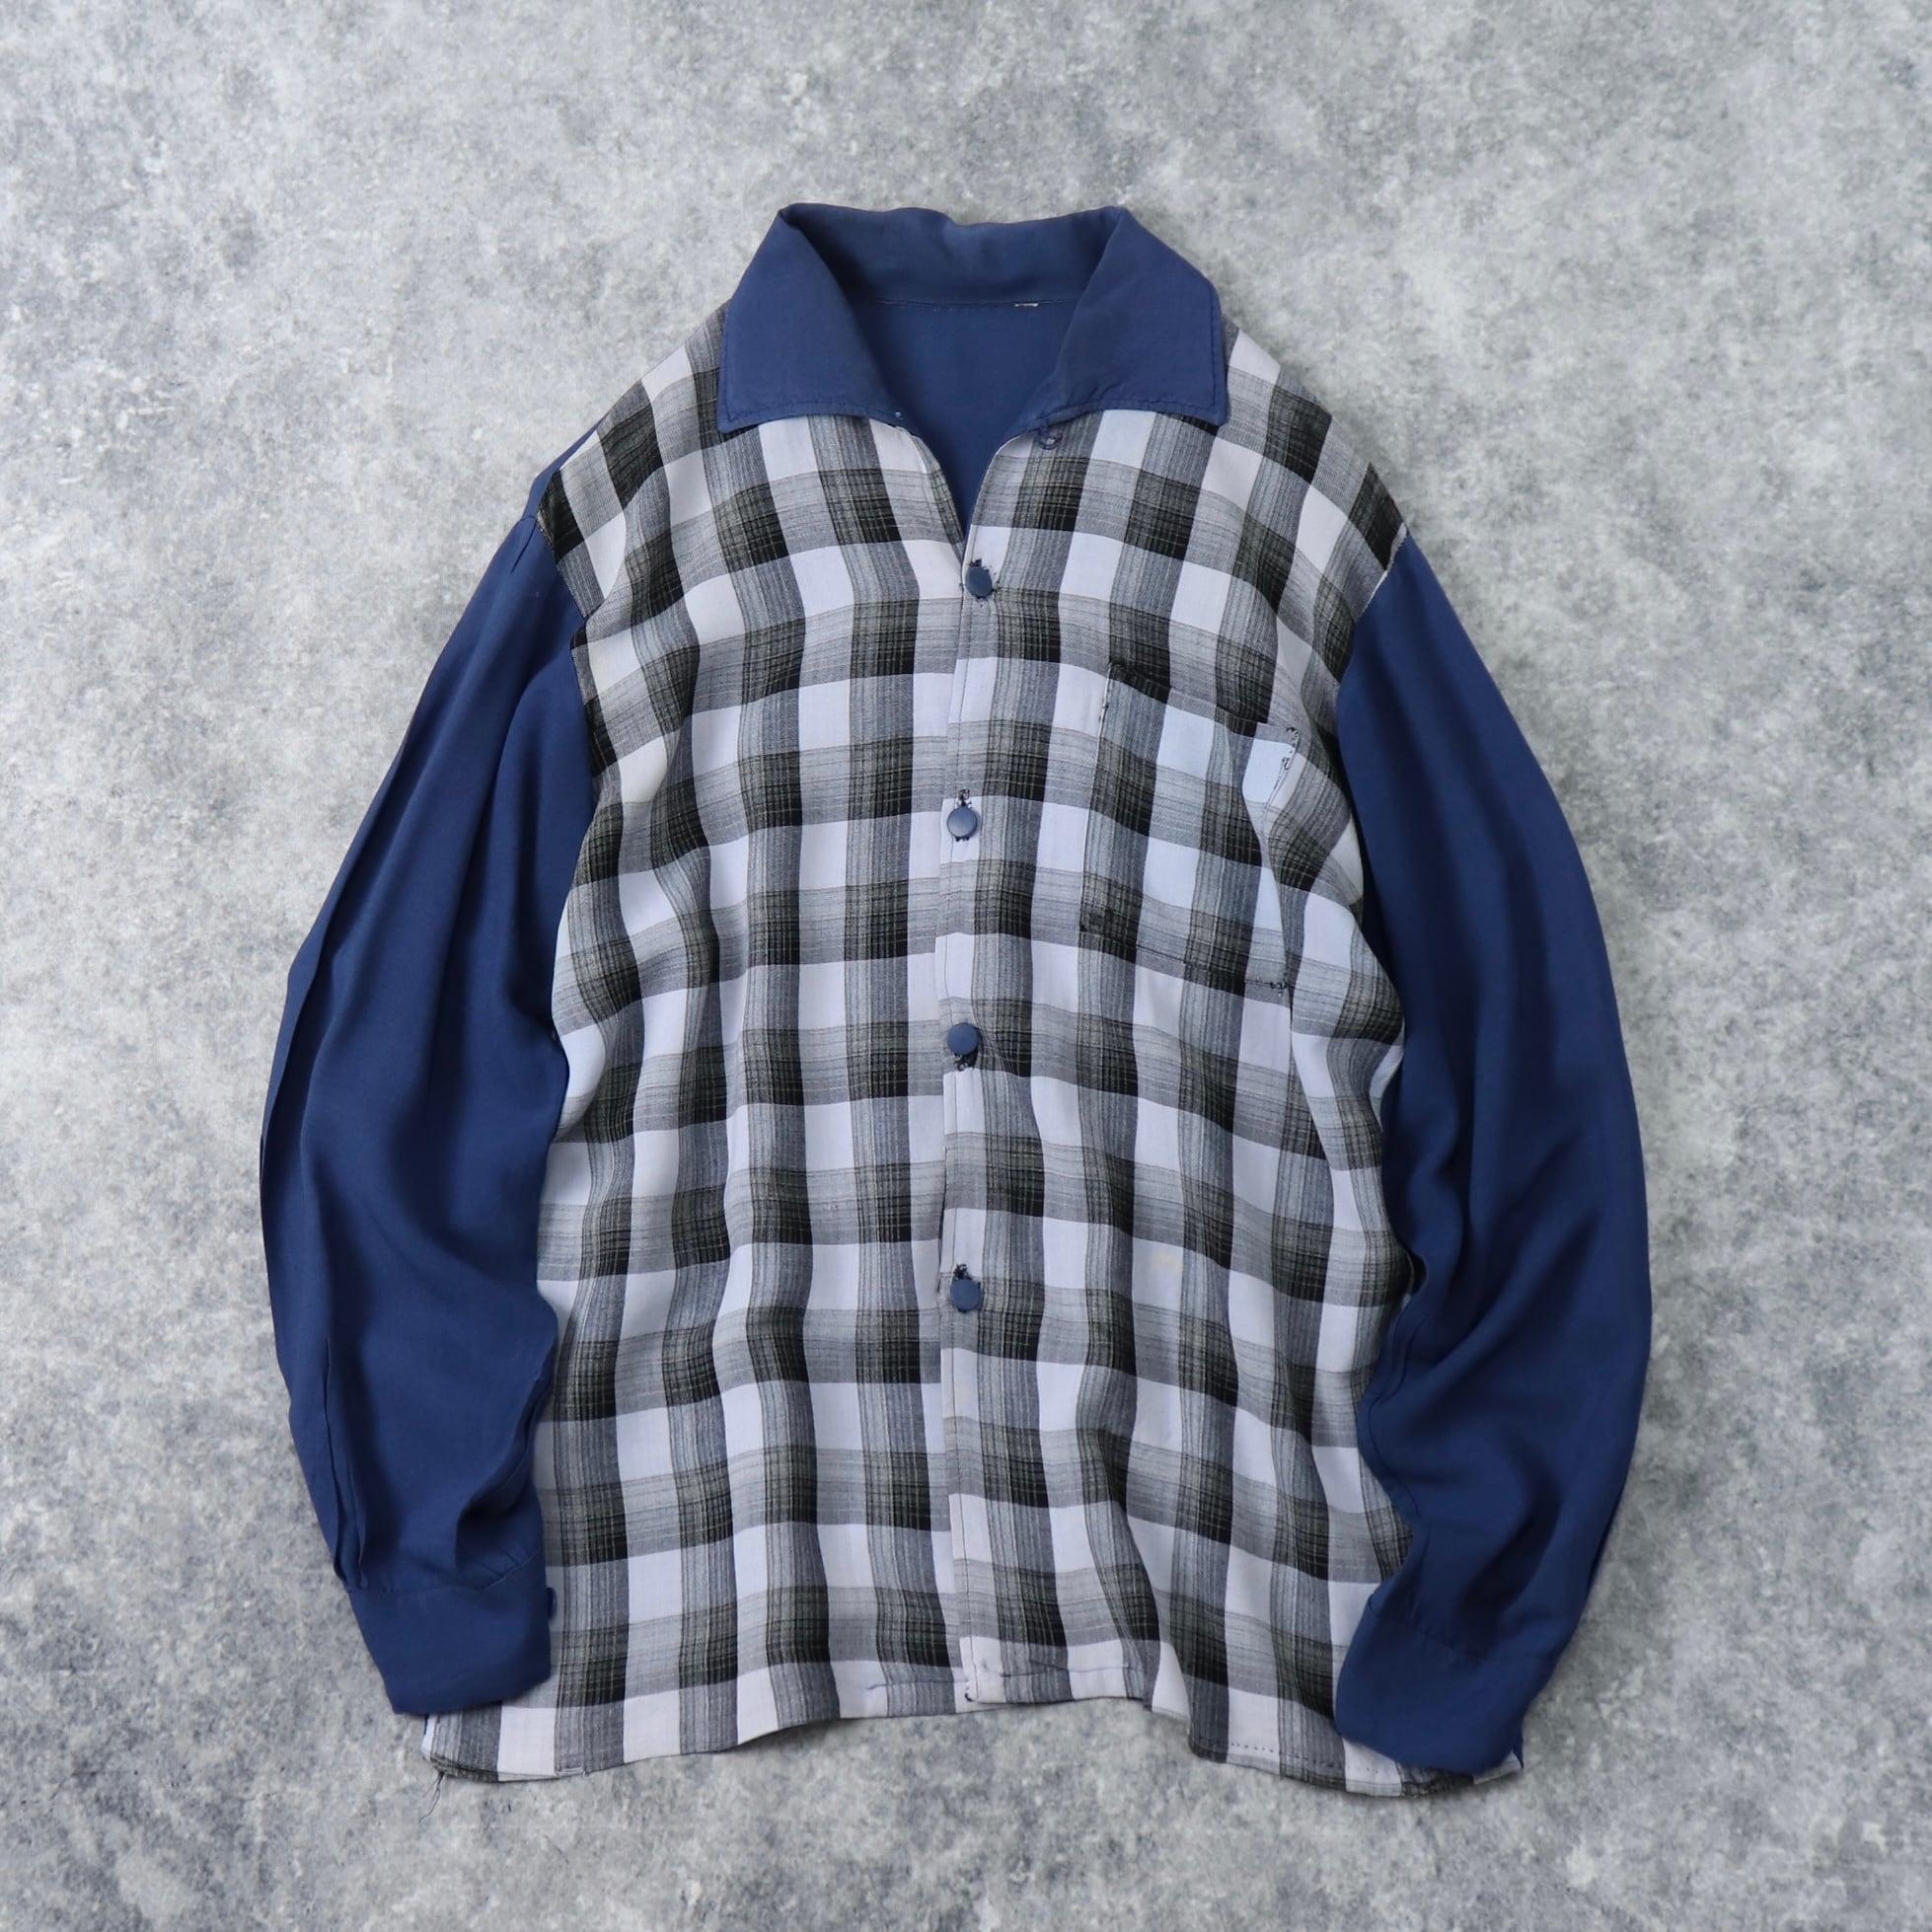 50~60年代 ヴィンテージ 切り替え チェック柄 オープンカラーシャツ メンズM A148